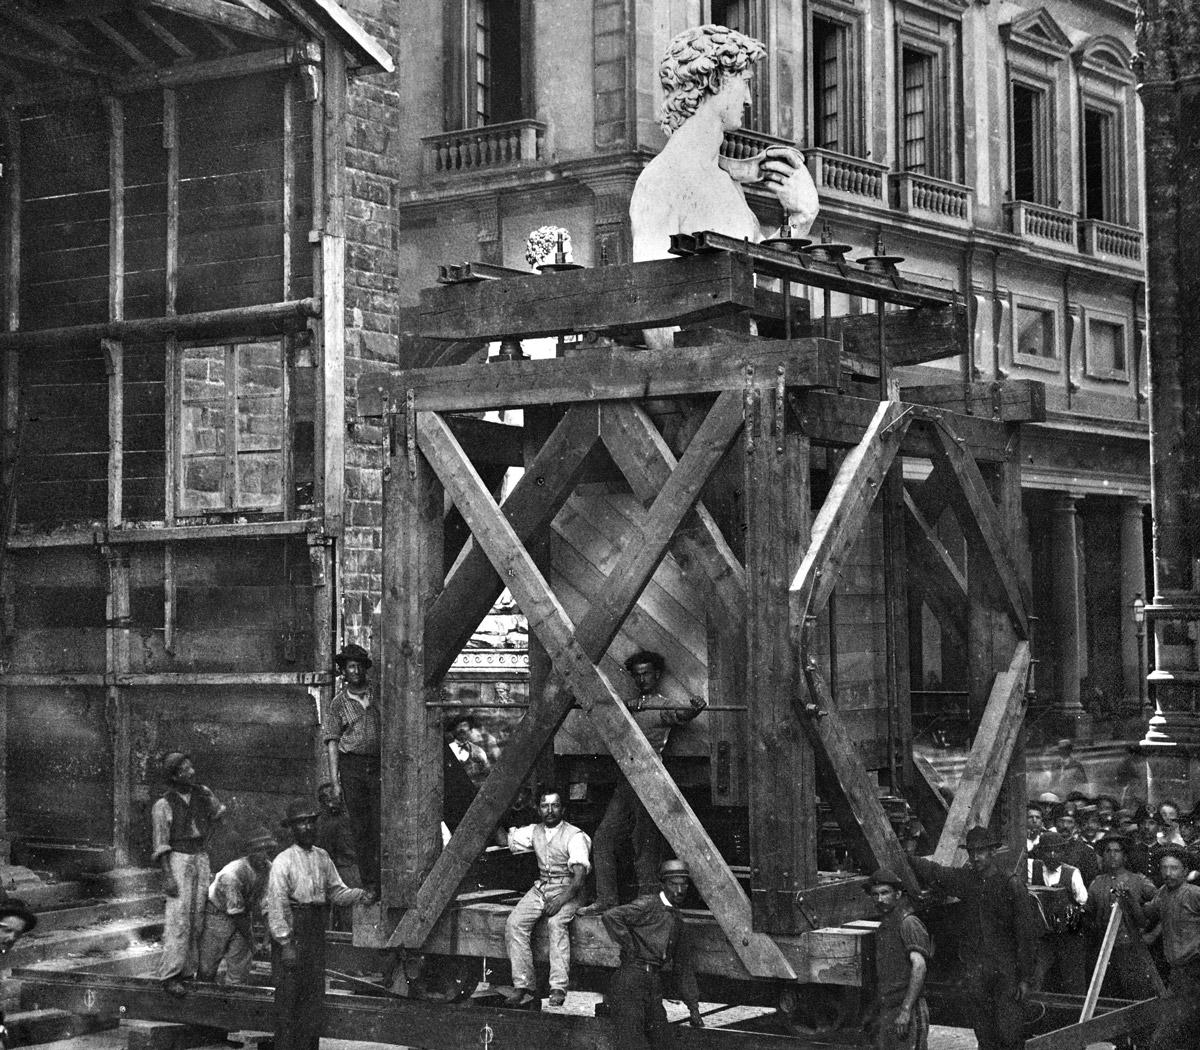 Il David di Michelangelo all'interno di un carro durante il trasporto su rotaie da piazza della Signoria al Museo dell'Accademia. Foto Archivi Alinari, Firenze, 1873.